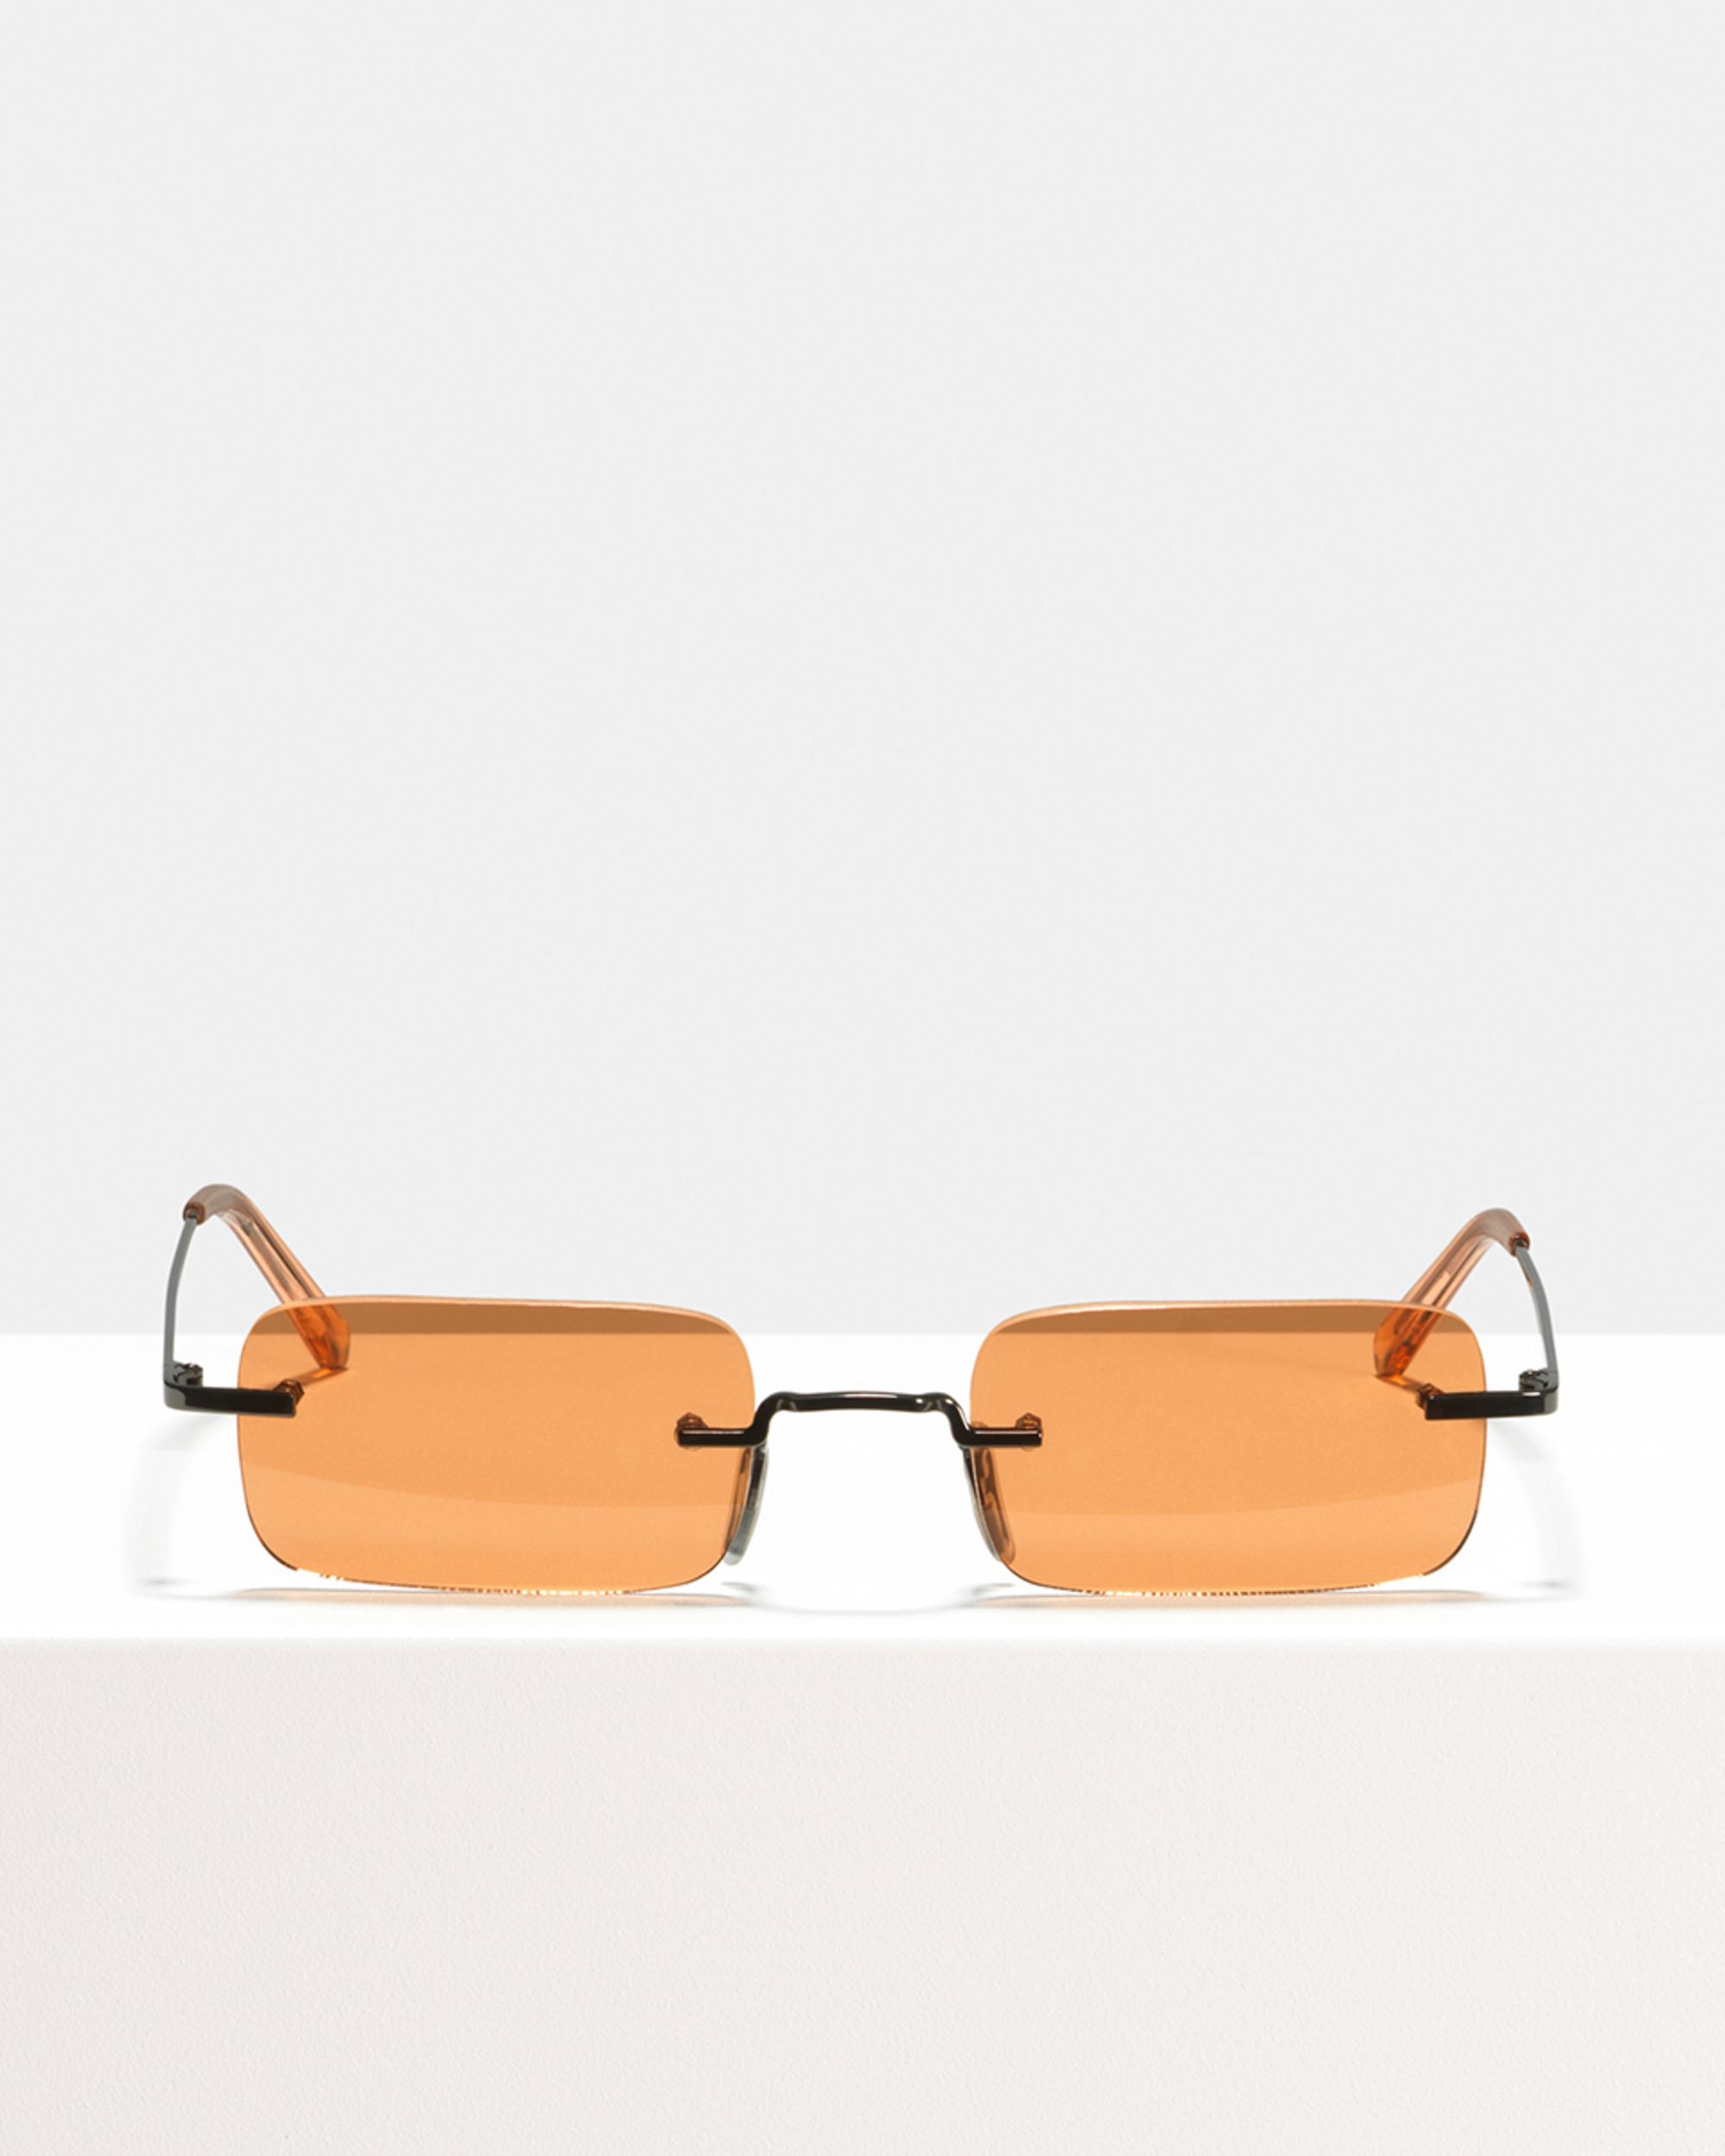 Ace & Tate Sunglasses | rechteckig Titan in